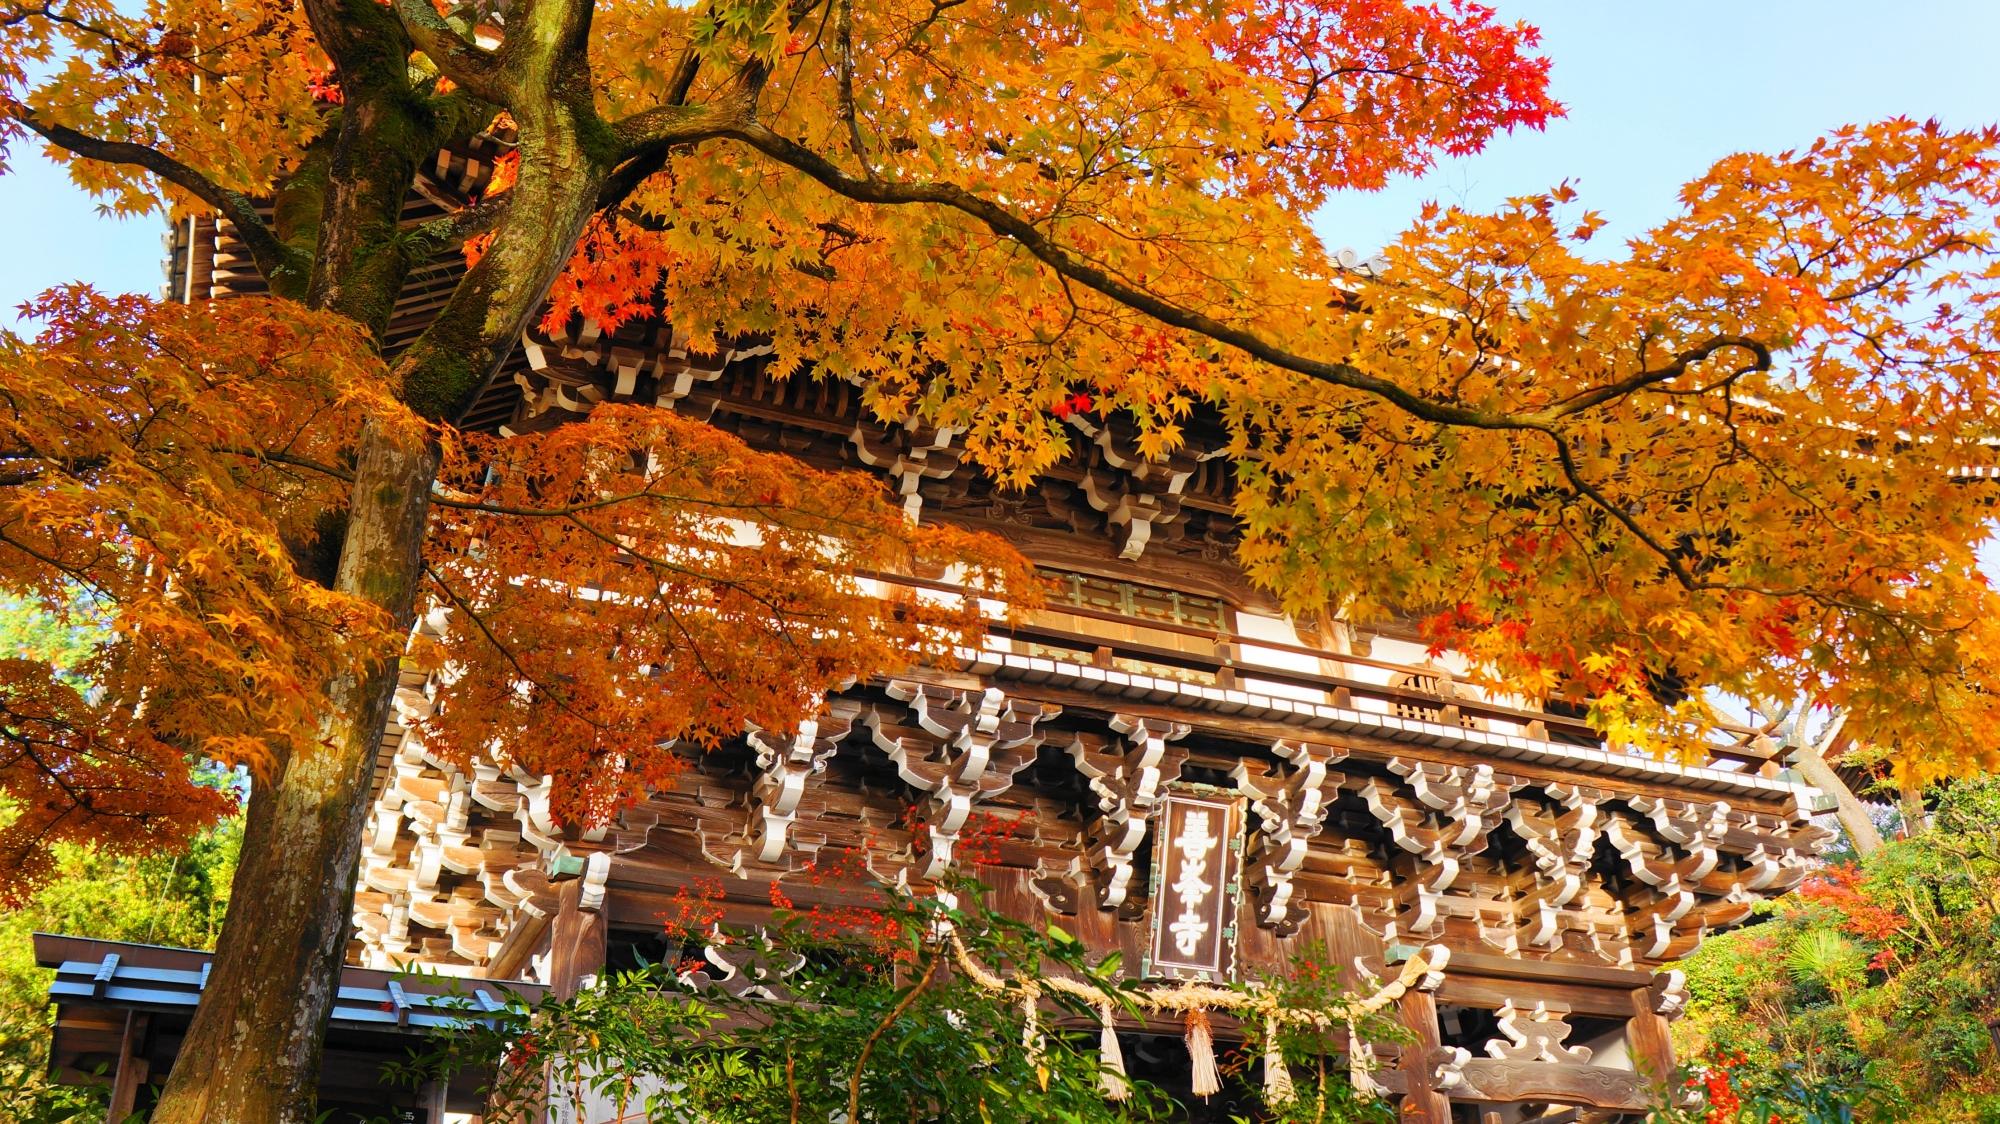 善峯寺の風格ある山門と見事な紅葉